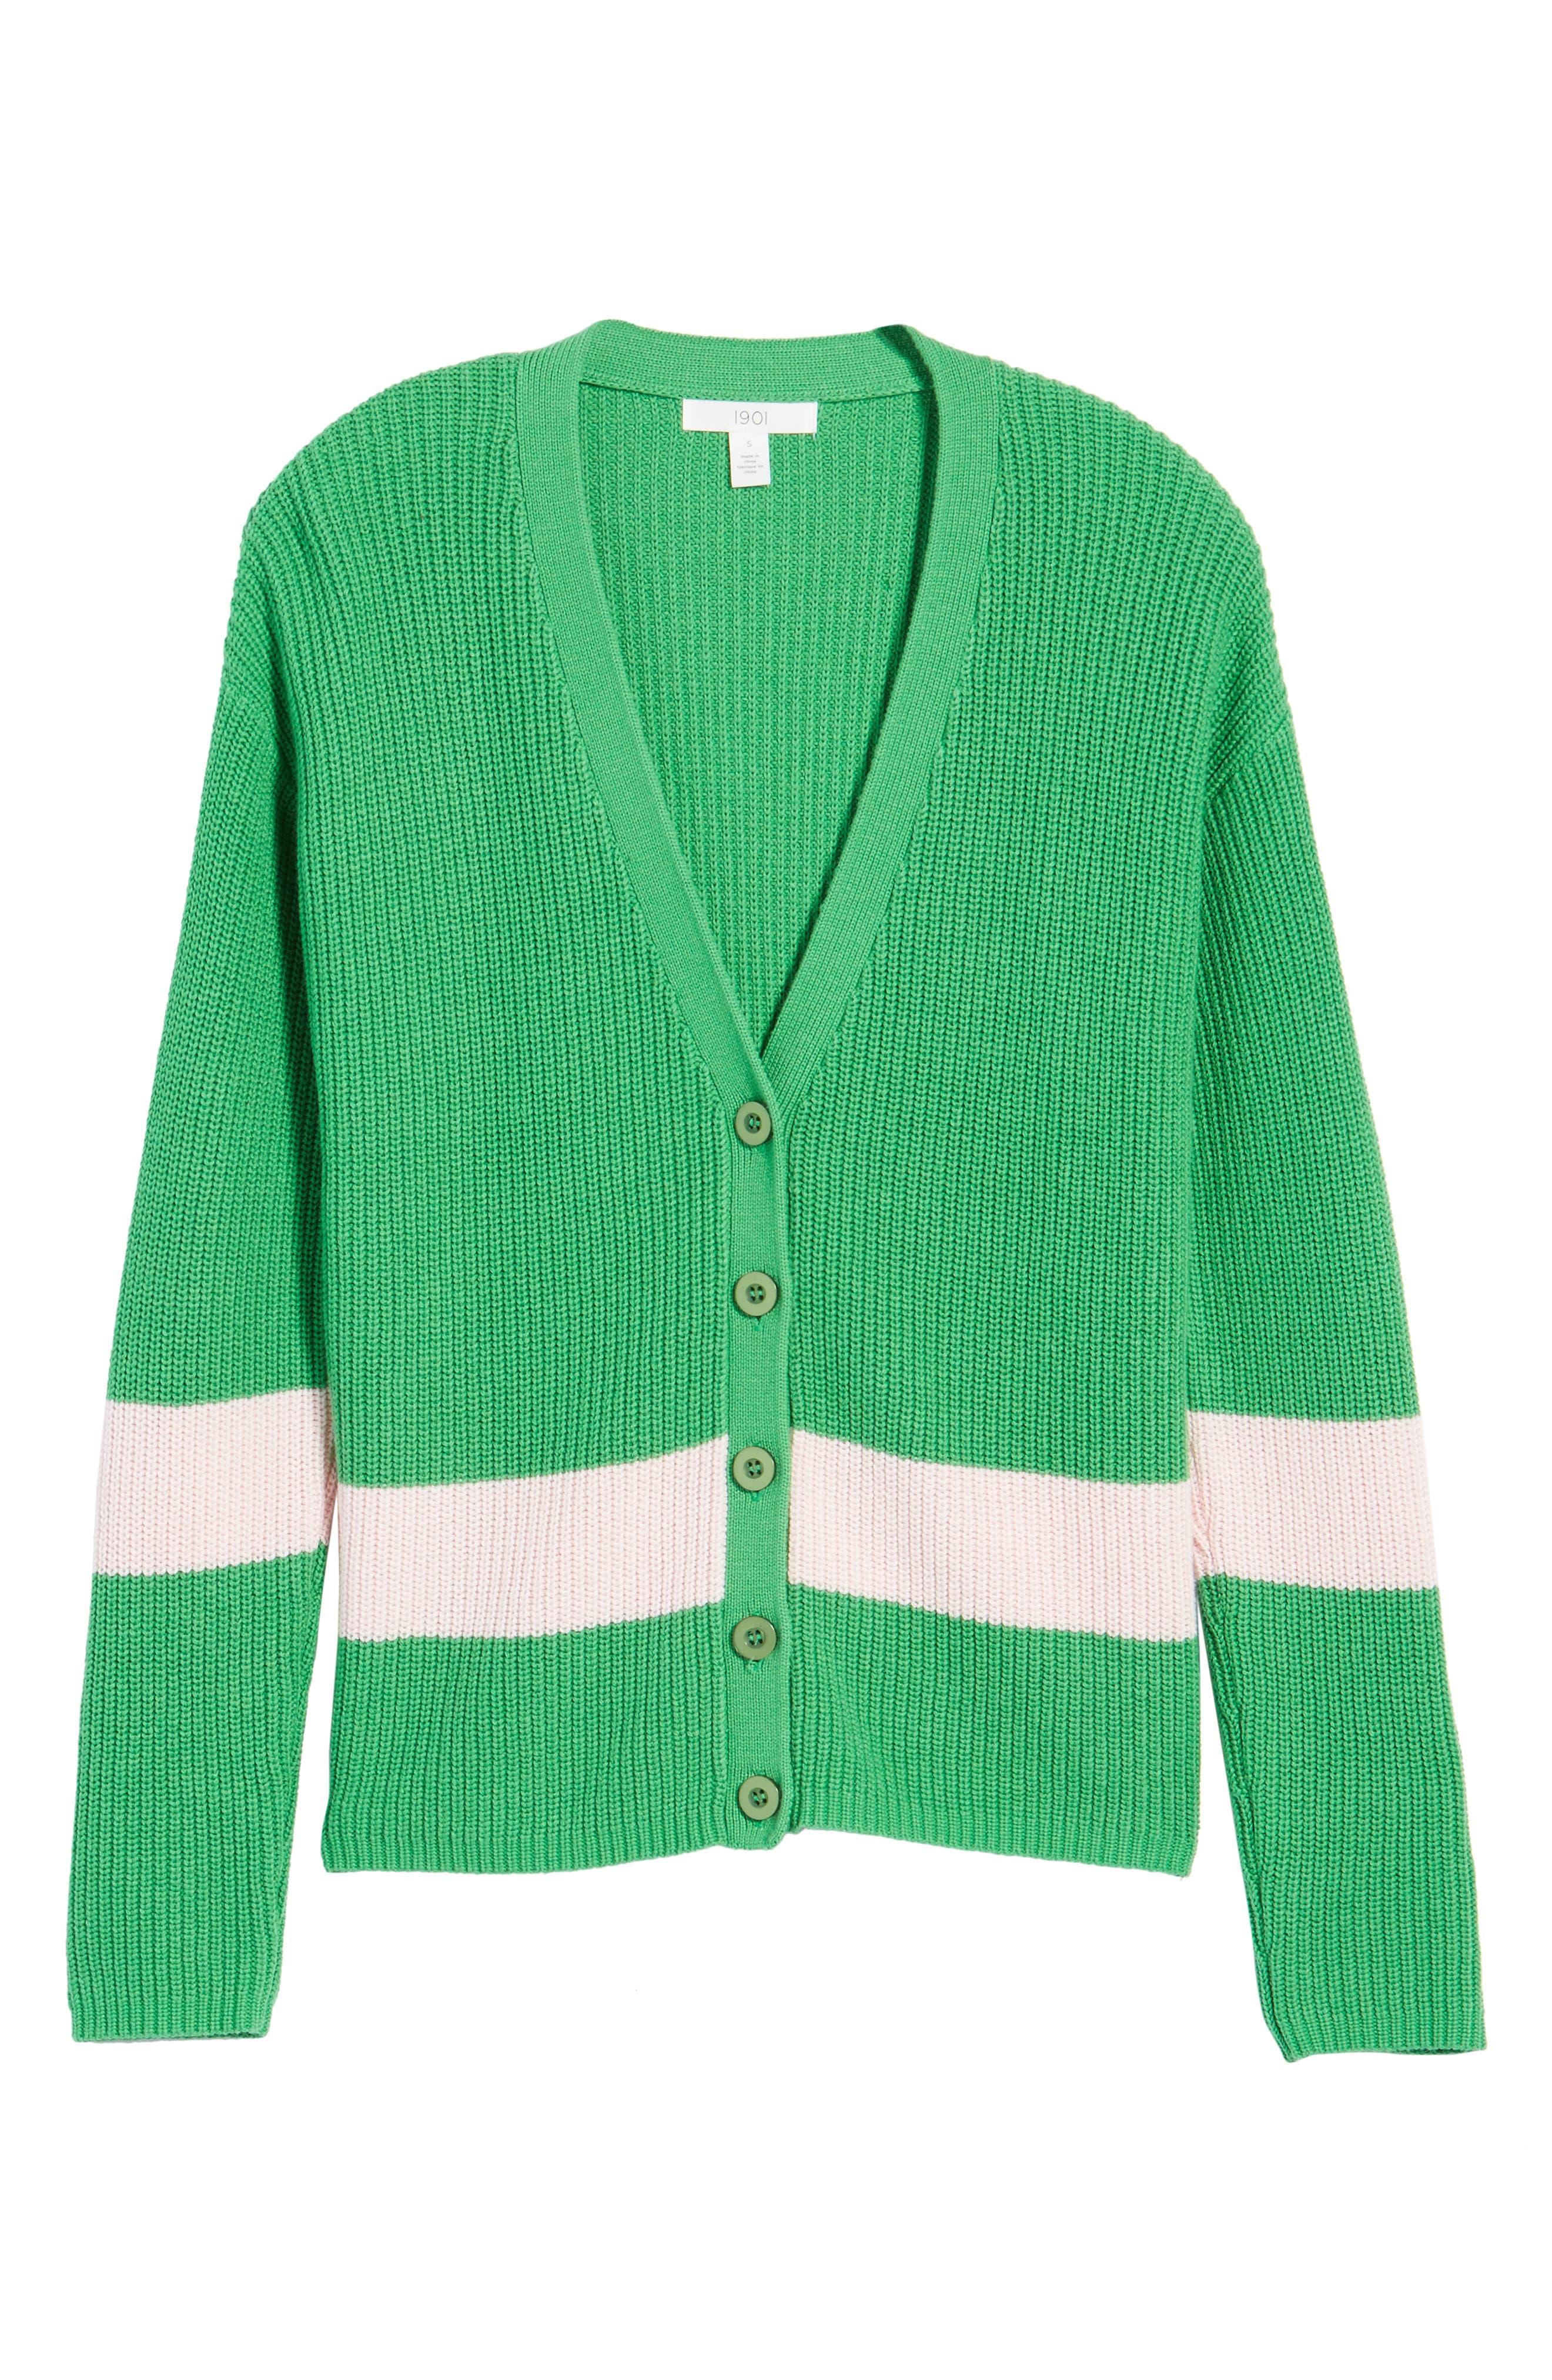 Shaker Knit Cardigan,                             Alternate thumbnail 34, color,